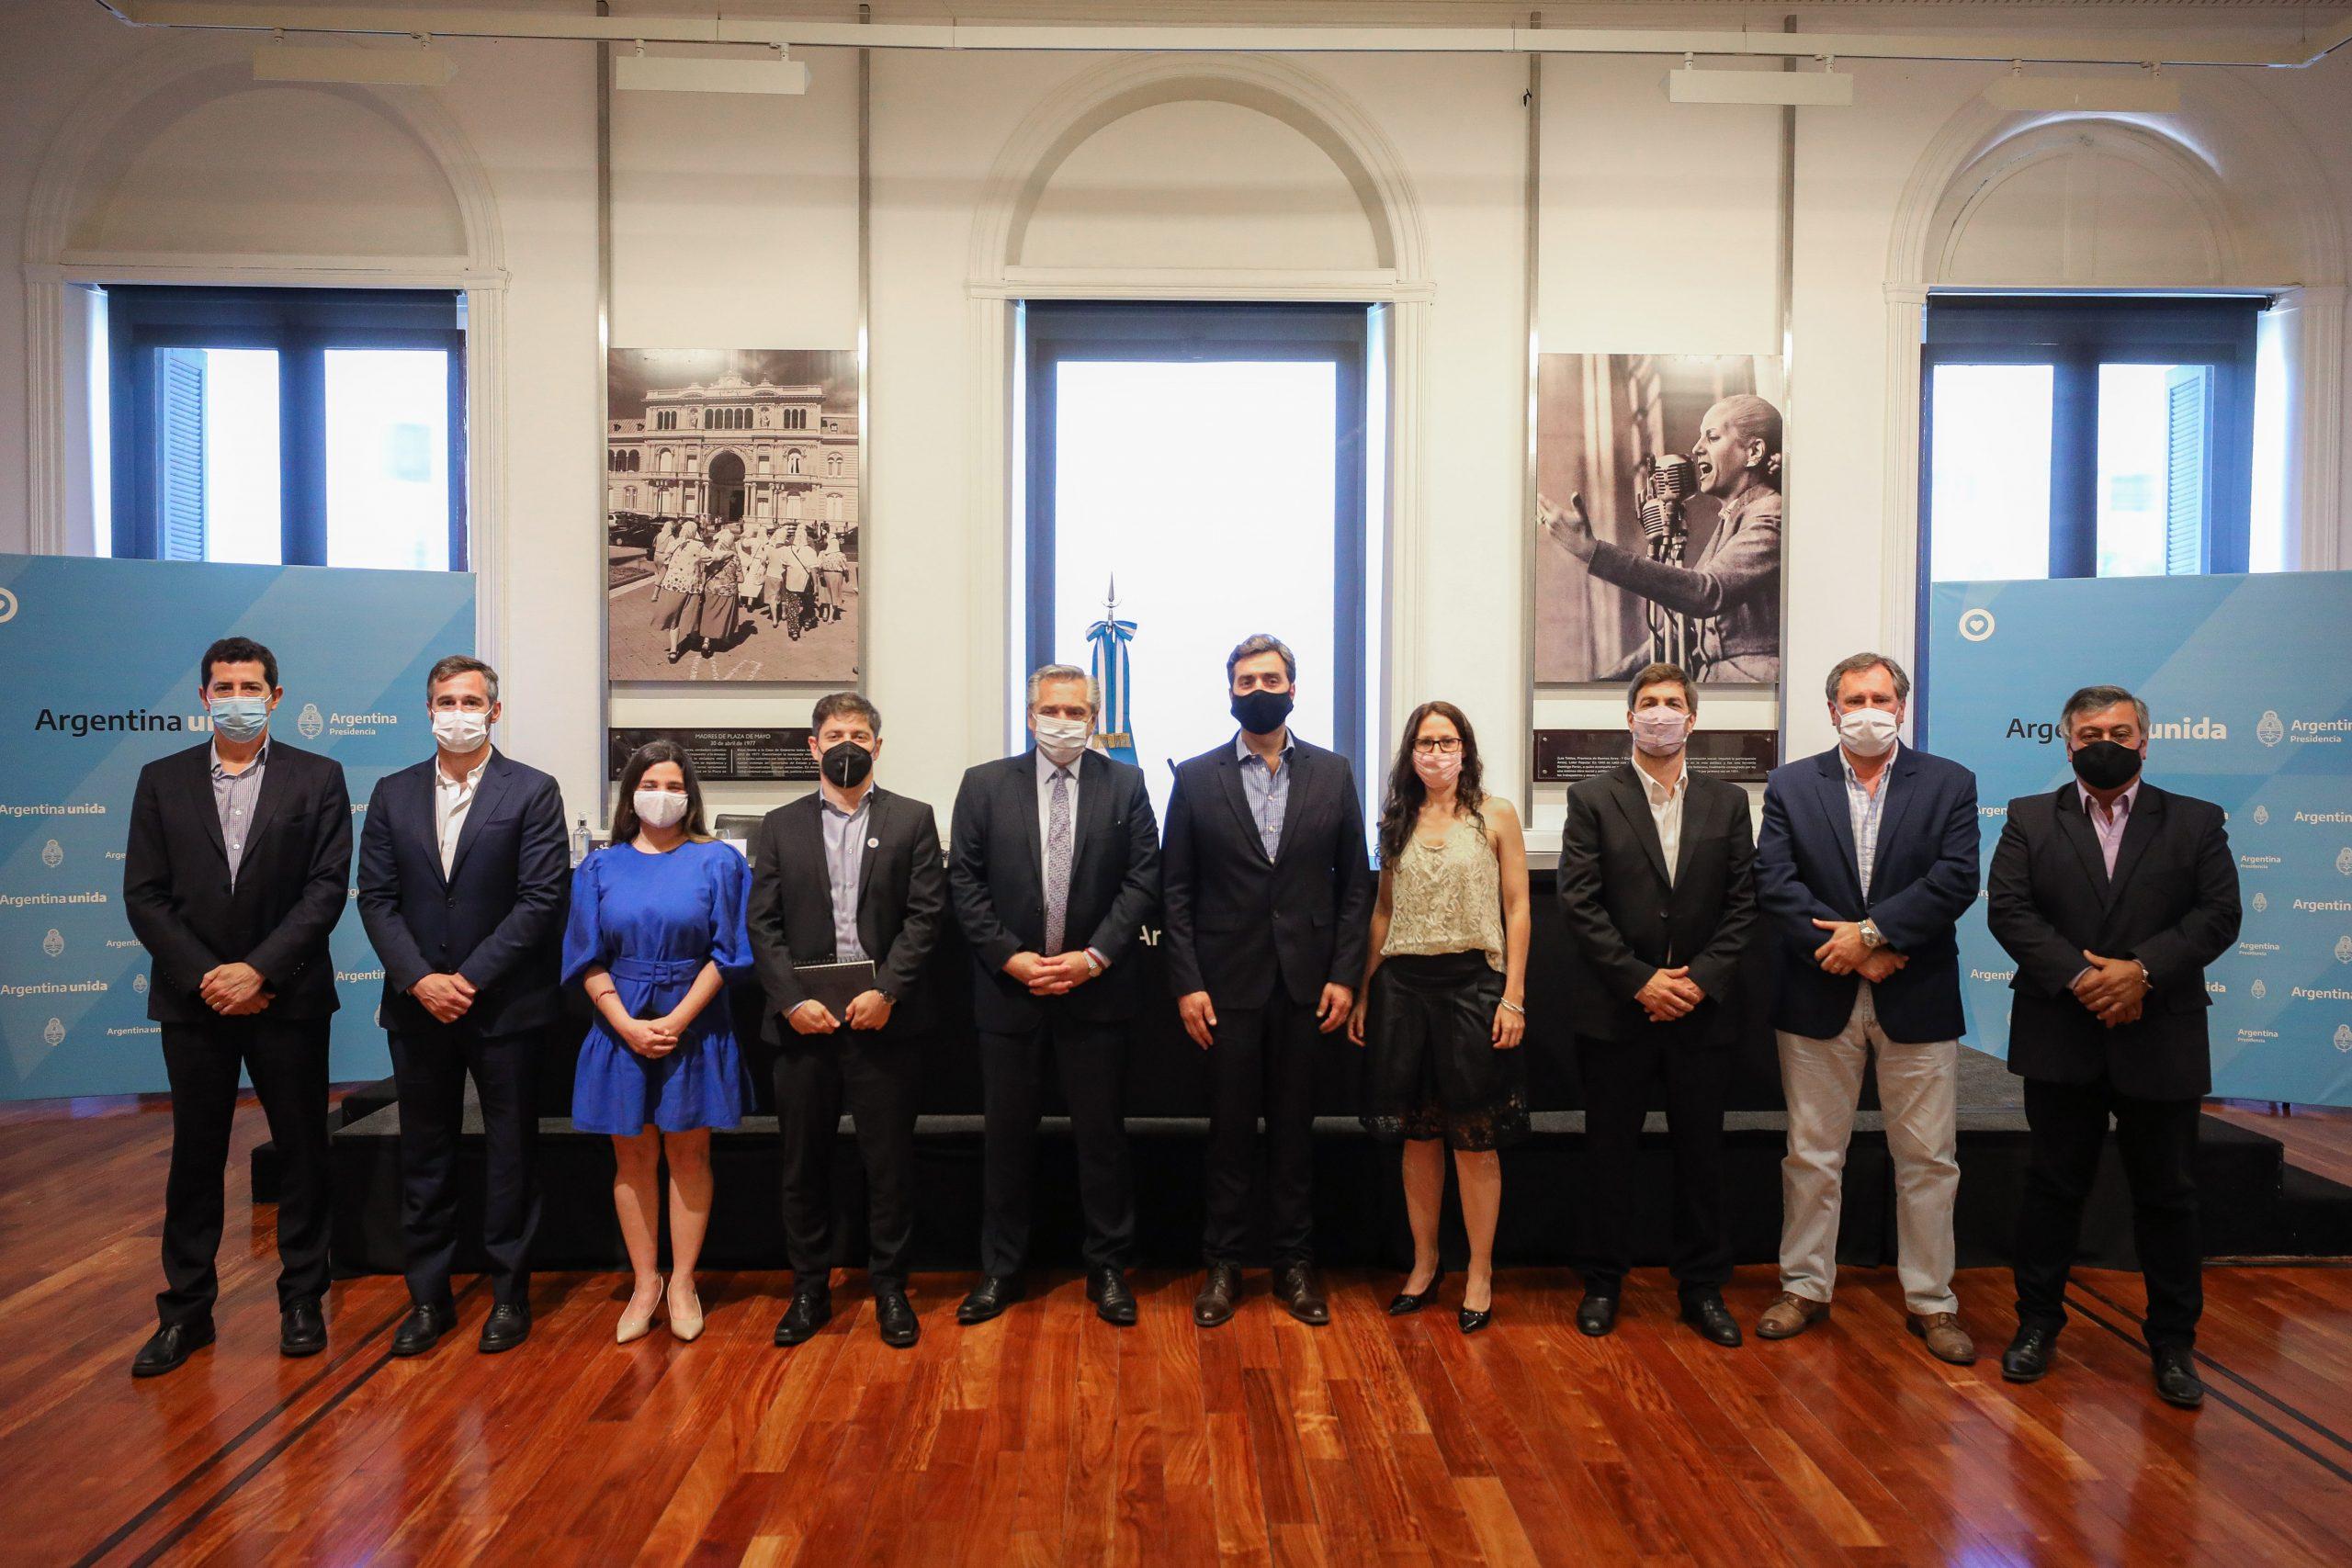 El Presidente encabezó la firma de contratos para obras hídricas y de transporte de electricidad en la provincia de Buenos Aires 1